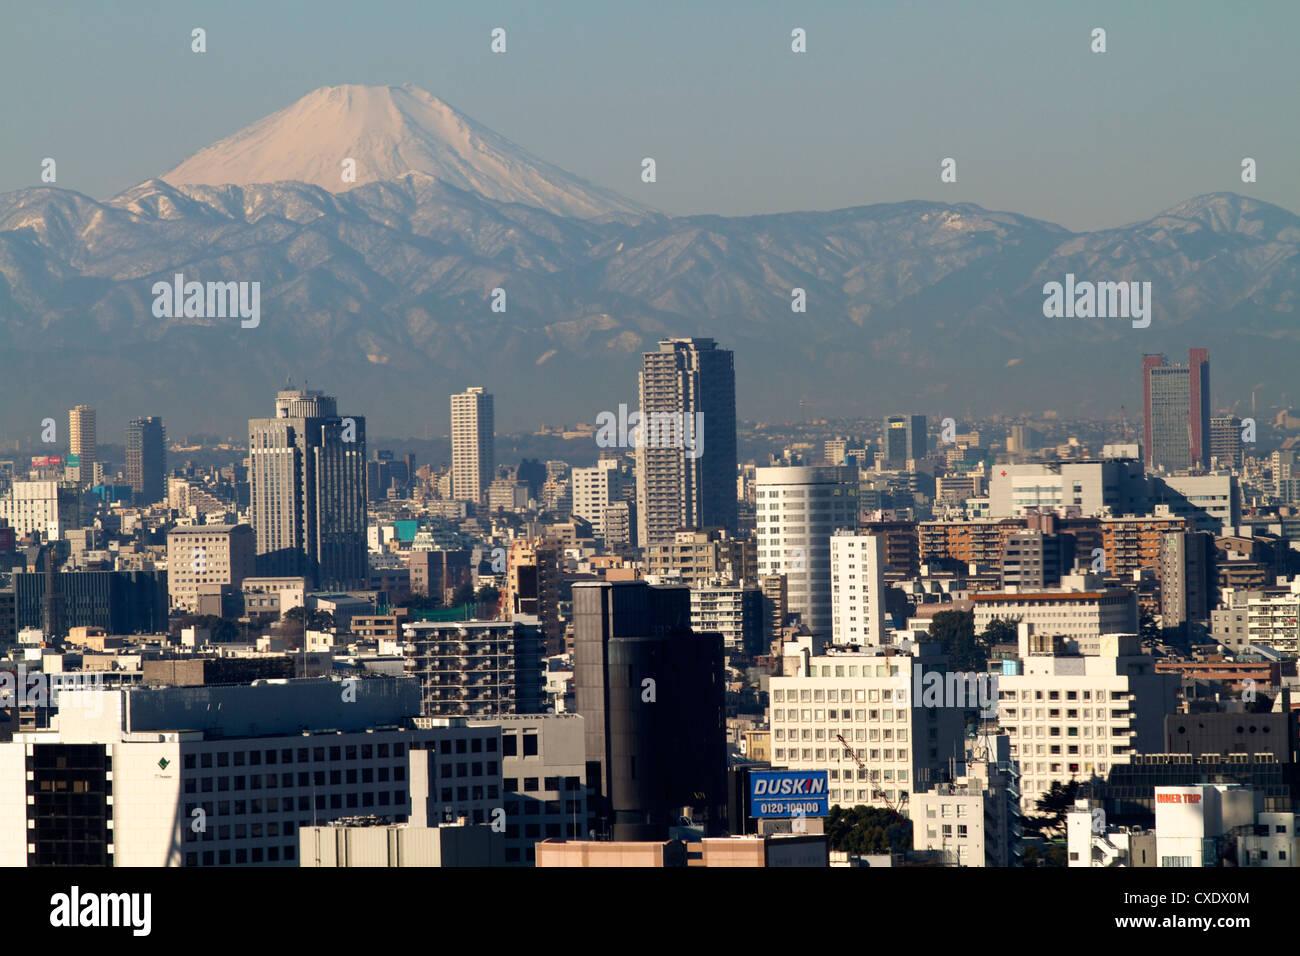 Vistas a la ciudad de Tokyo y el Monte Fuji, Tokio, Japón, Asia Imagen De Stock